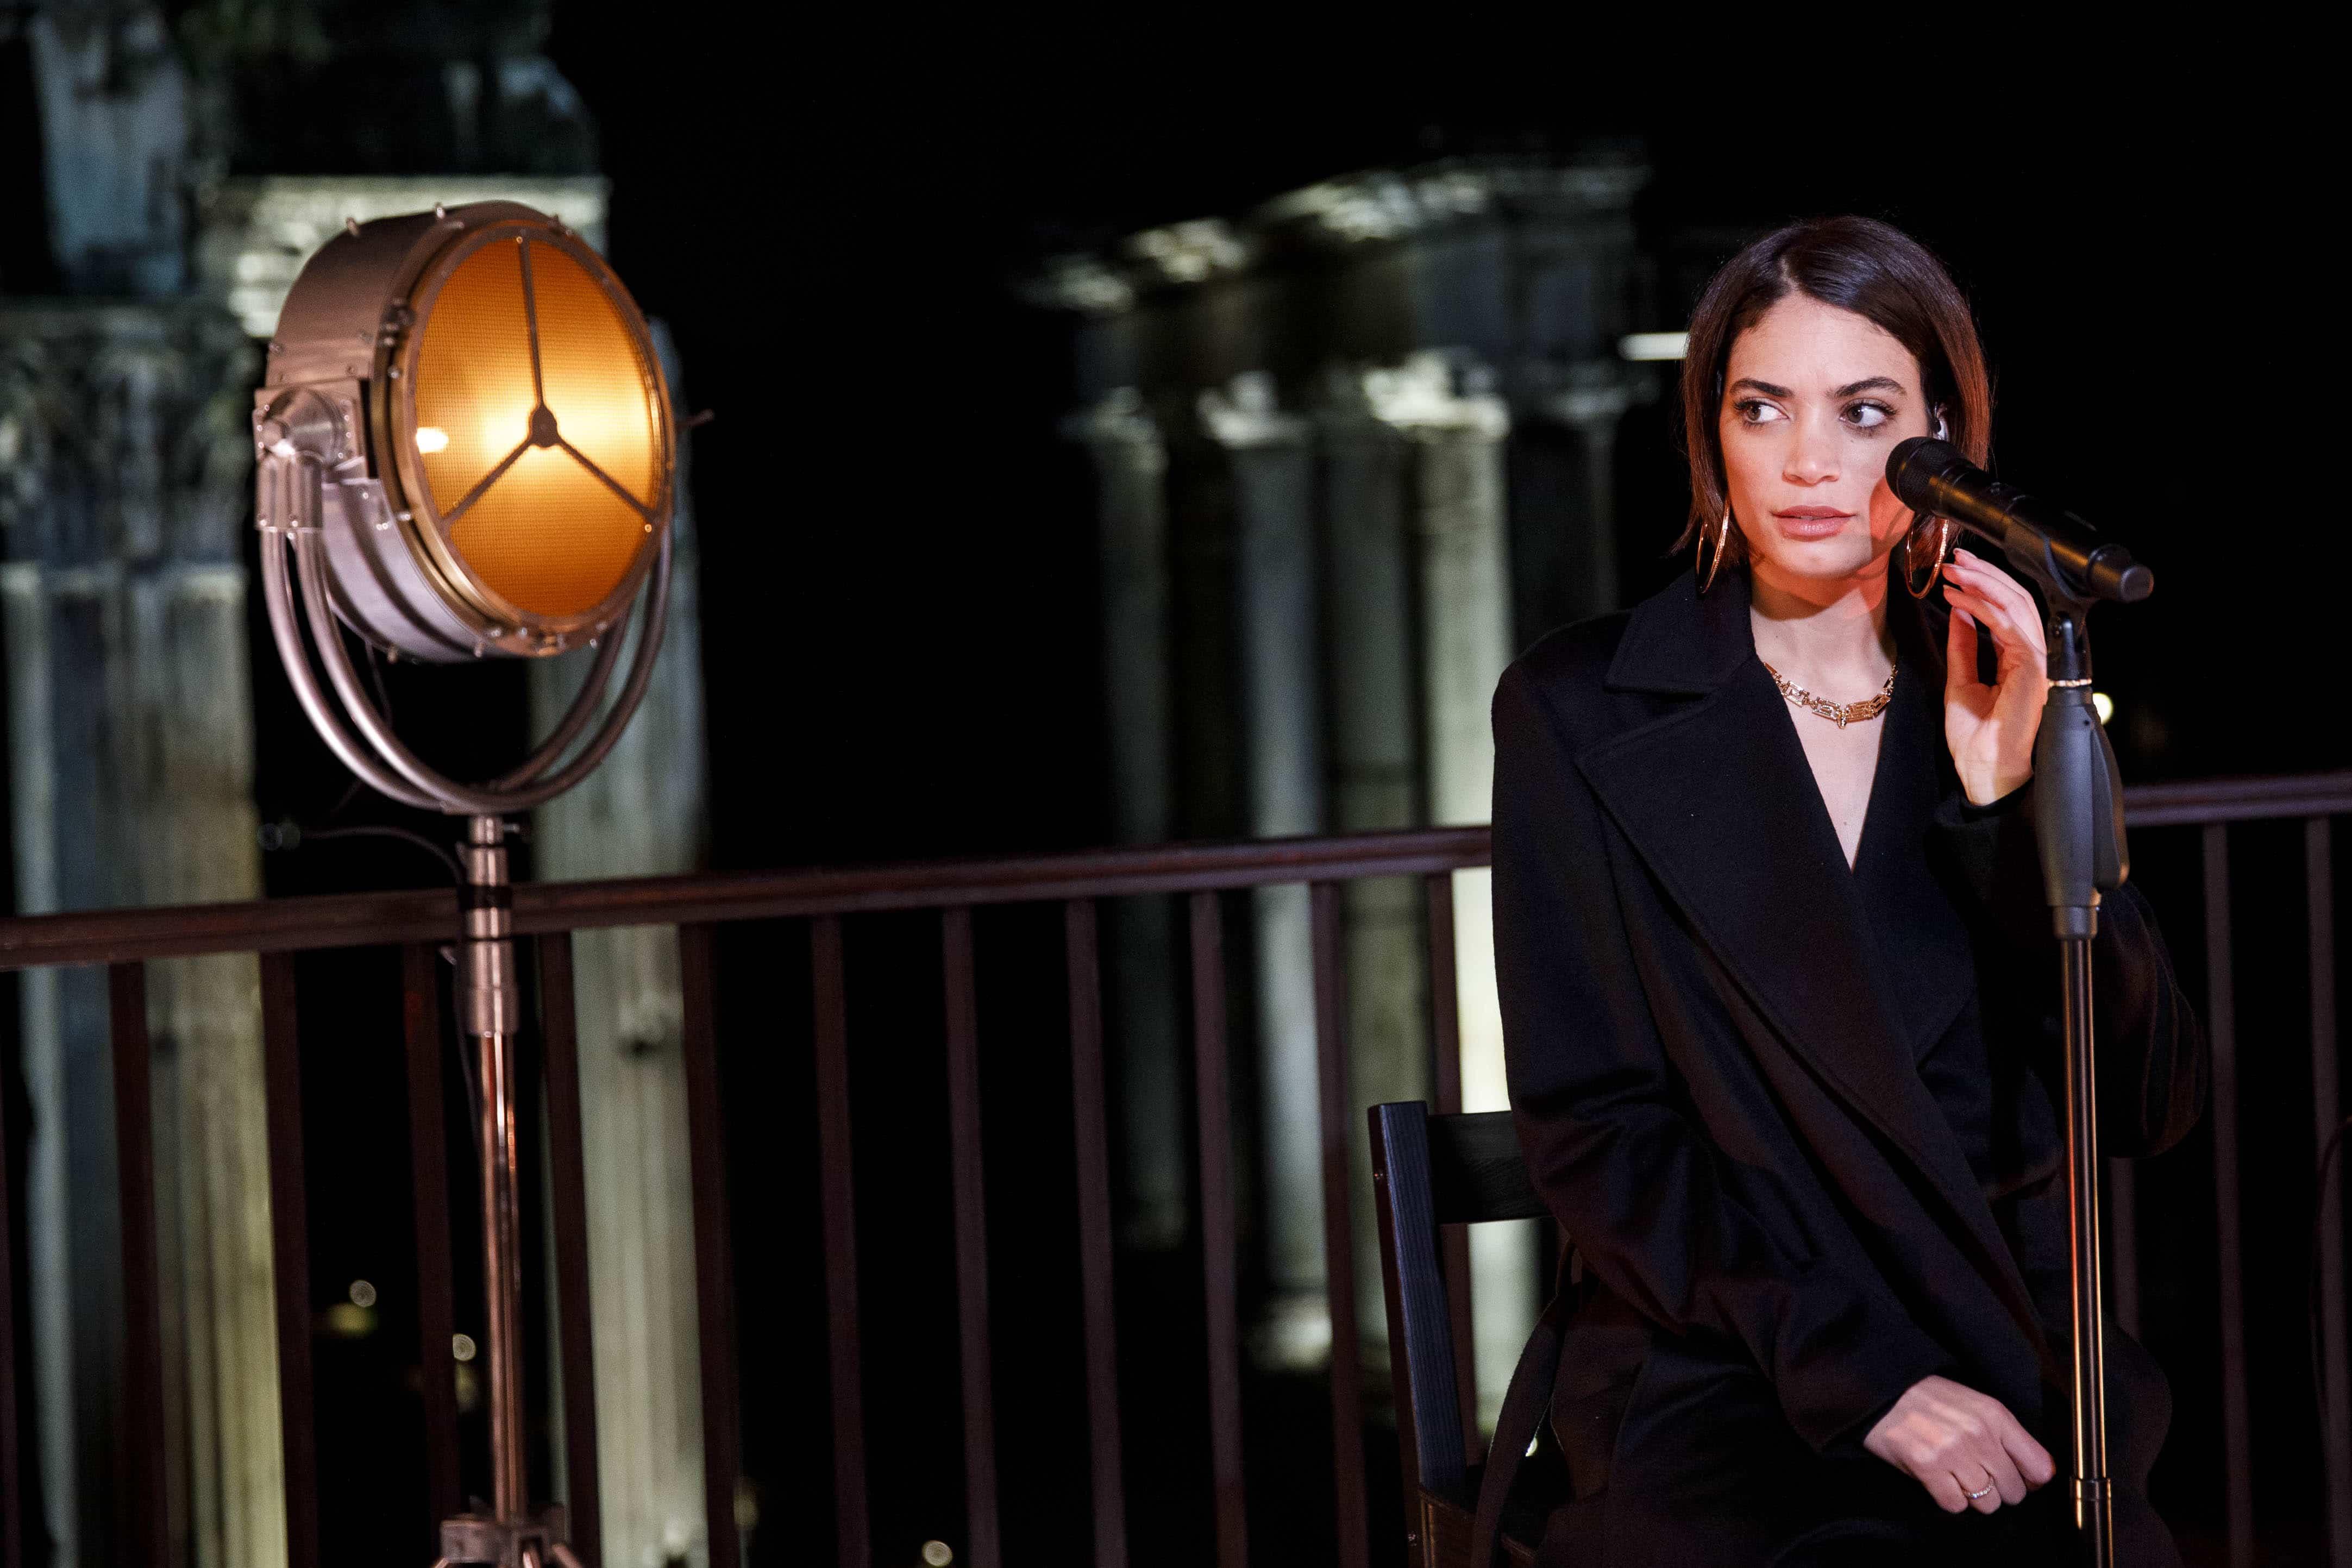 Elodie_Fondazione Musica per Roma Musacchio_Ianniello_Pasqualini-min